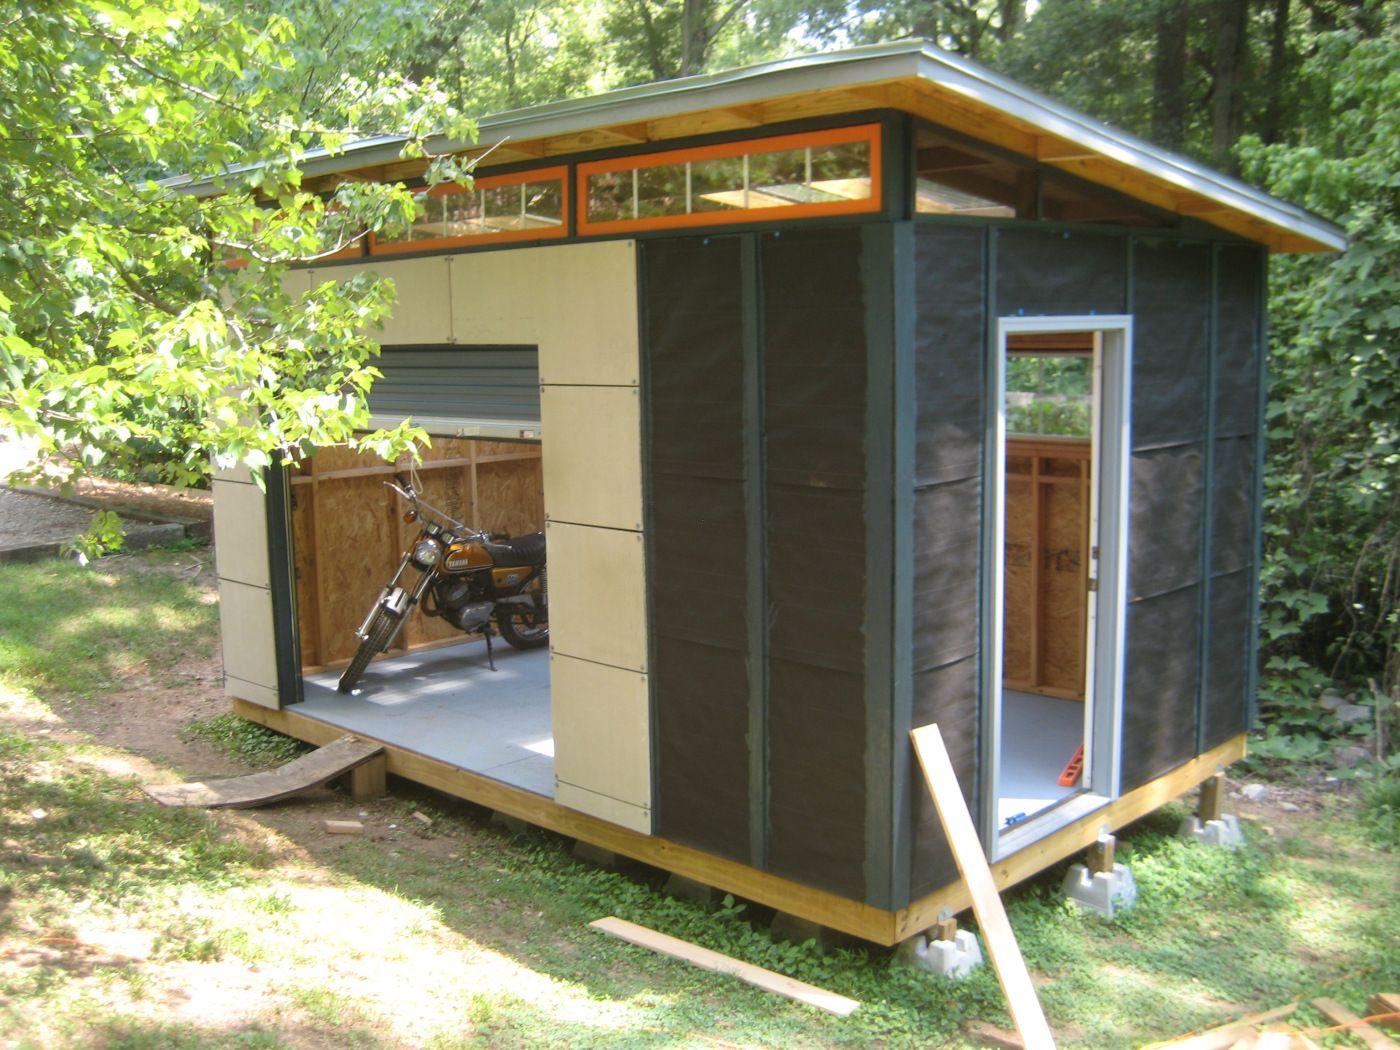 Diy Modern Shed Project Chalet De Jardin Cabanon Cabine En Bois